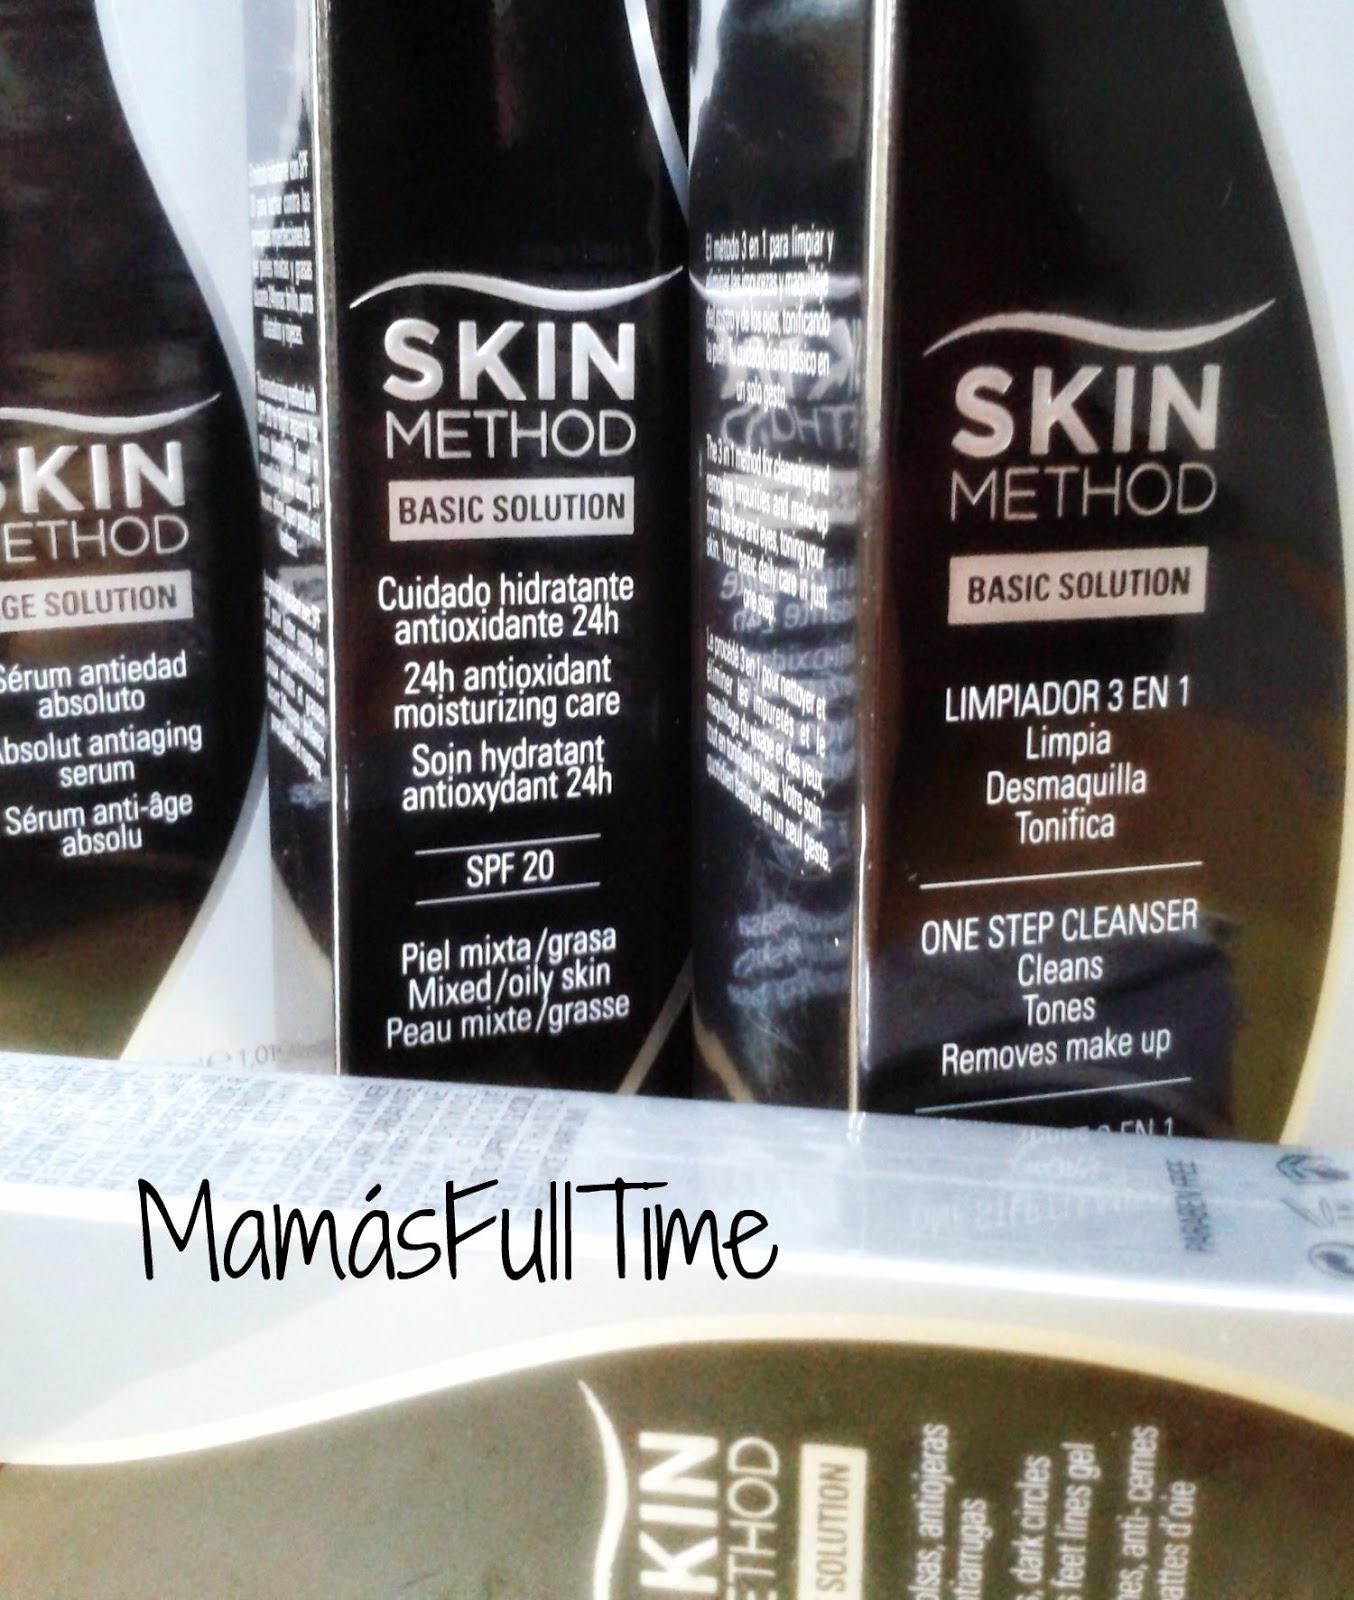 crema antiedad fluido cosmético calidad precio